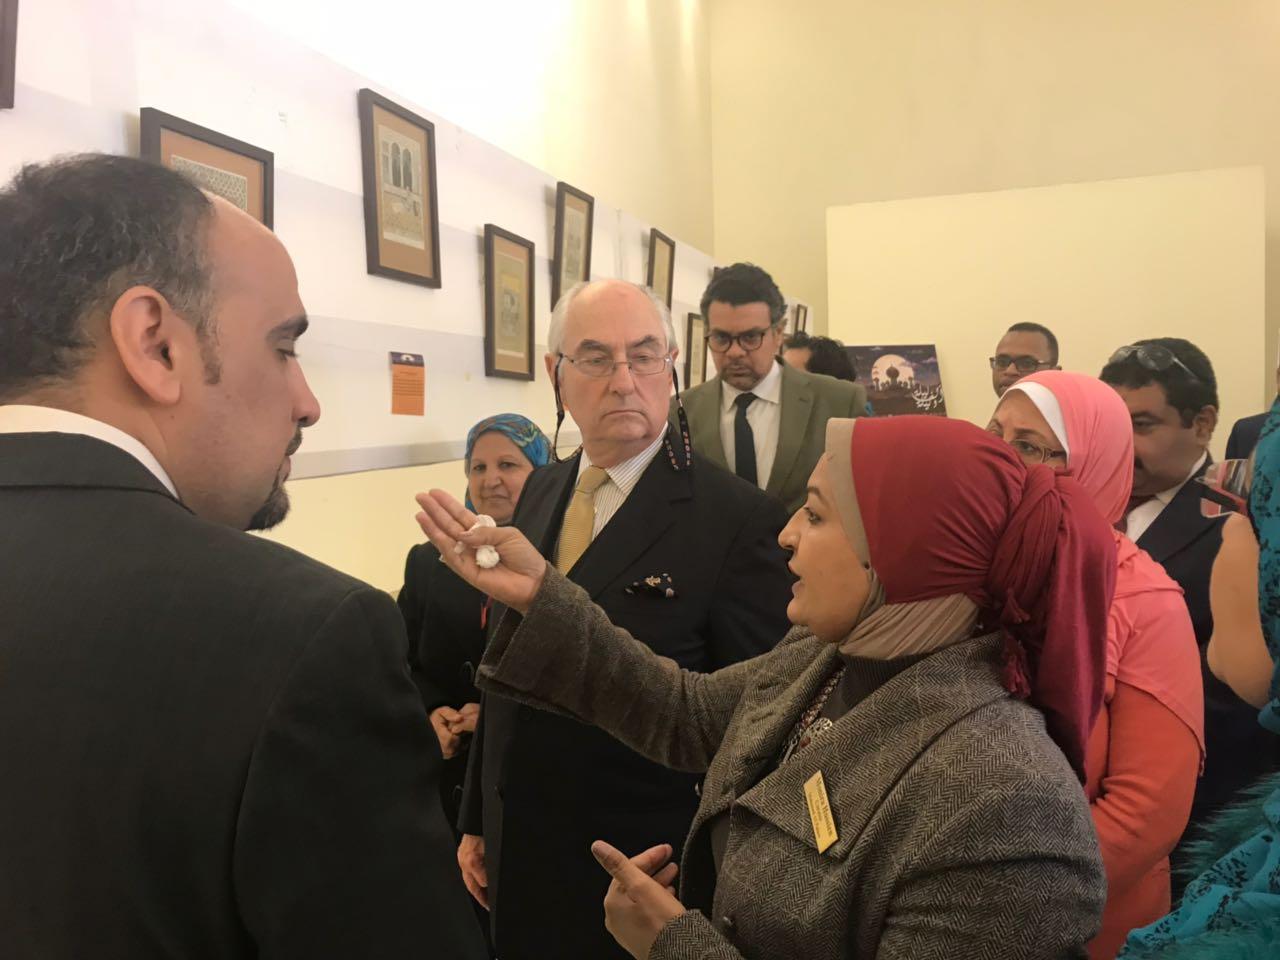 افتتاح معرض الف ليلة وليلة بمتحف قصر المنيل (6)